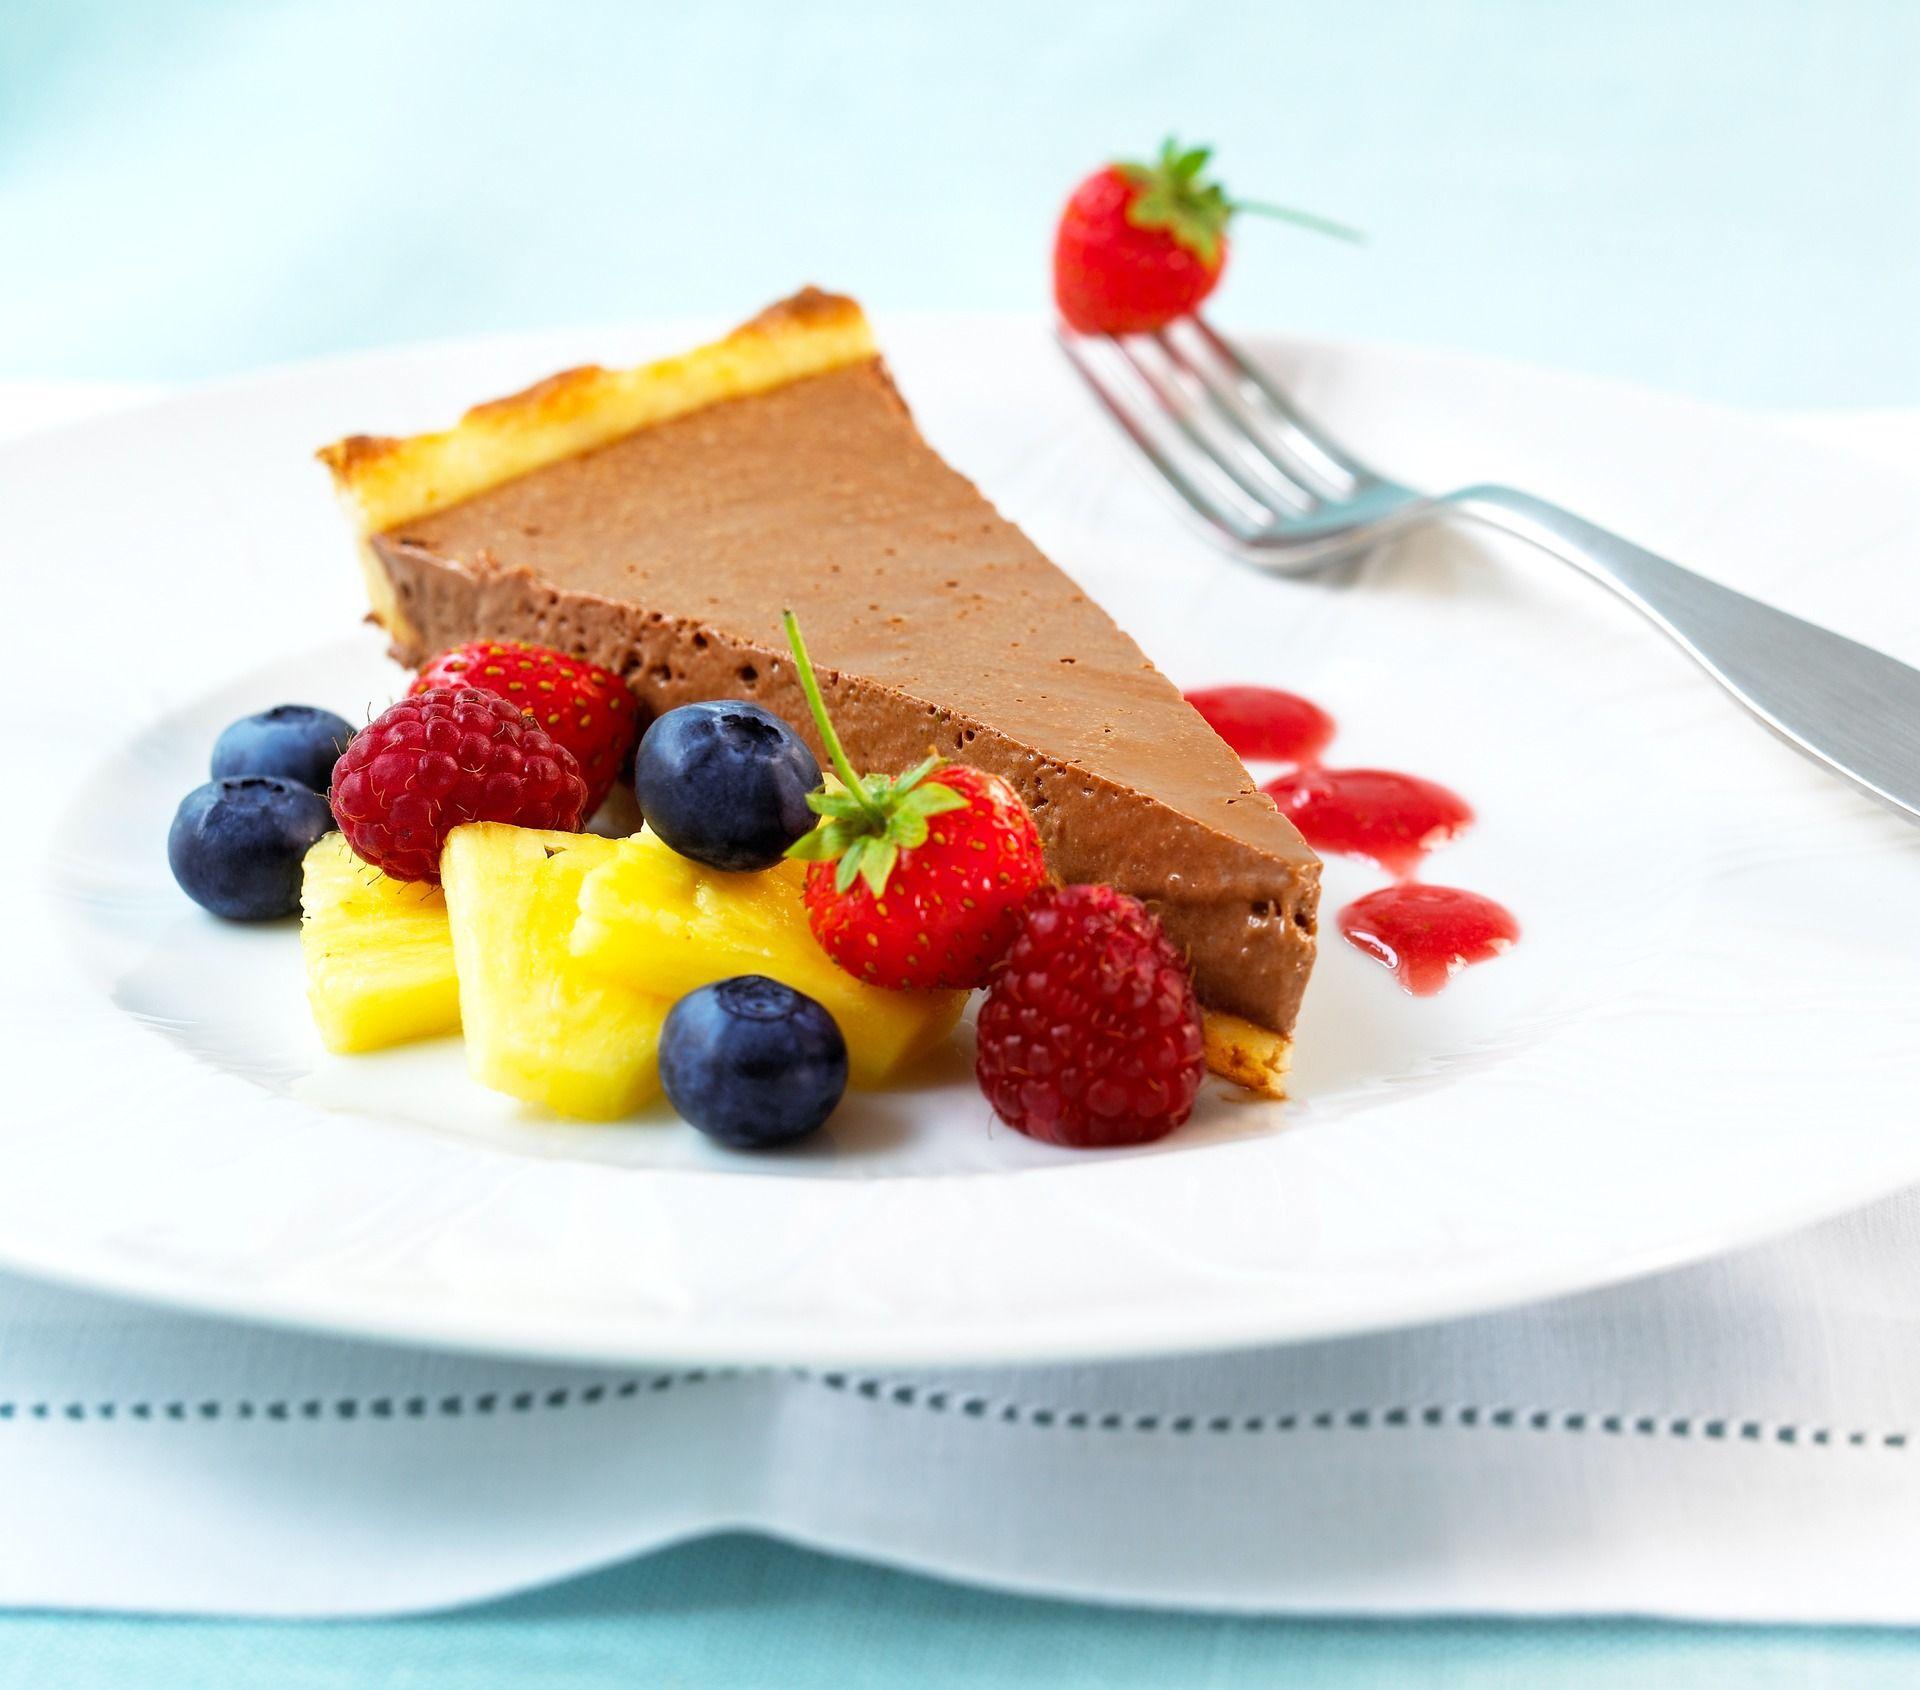 Sjokoladepai Oppskrift Kake Ideer Kaker Mat